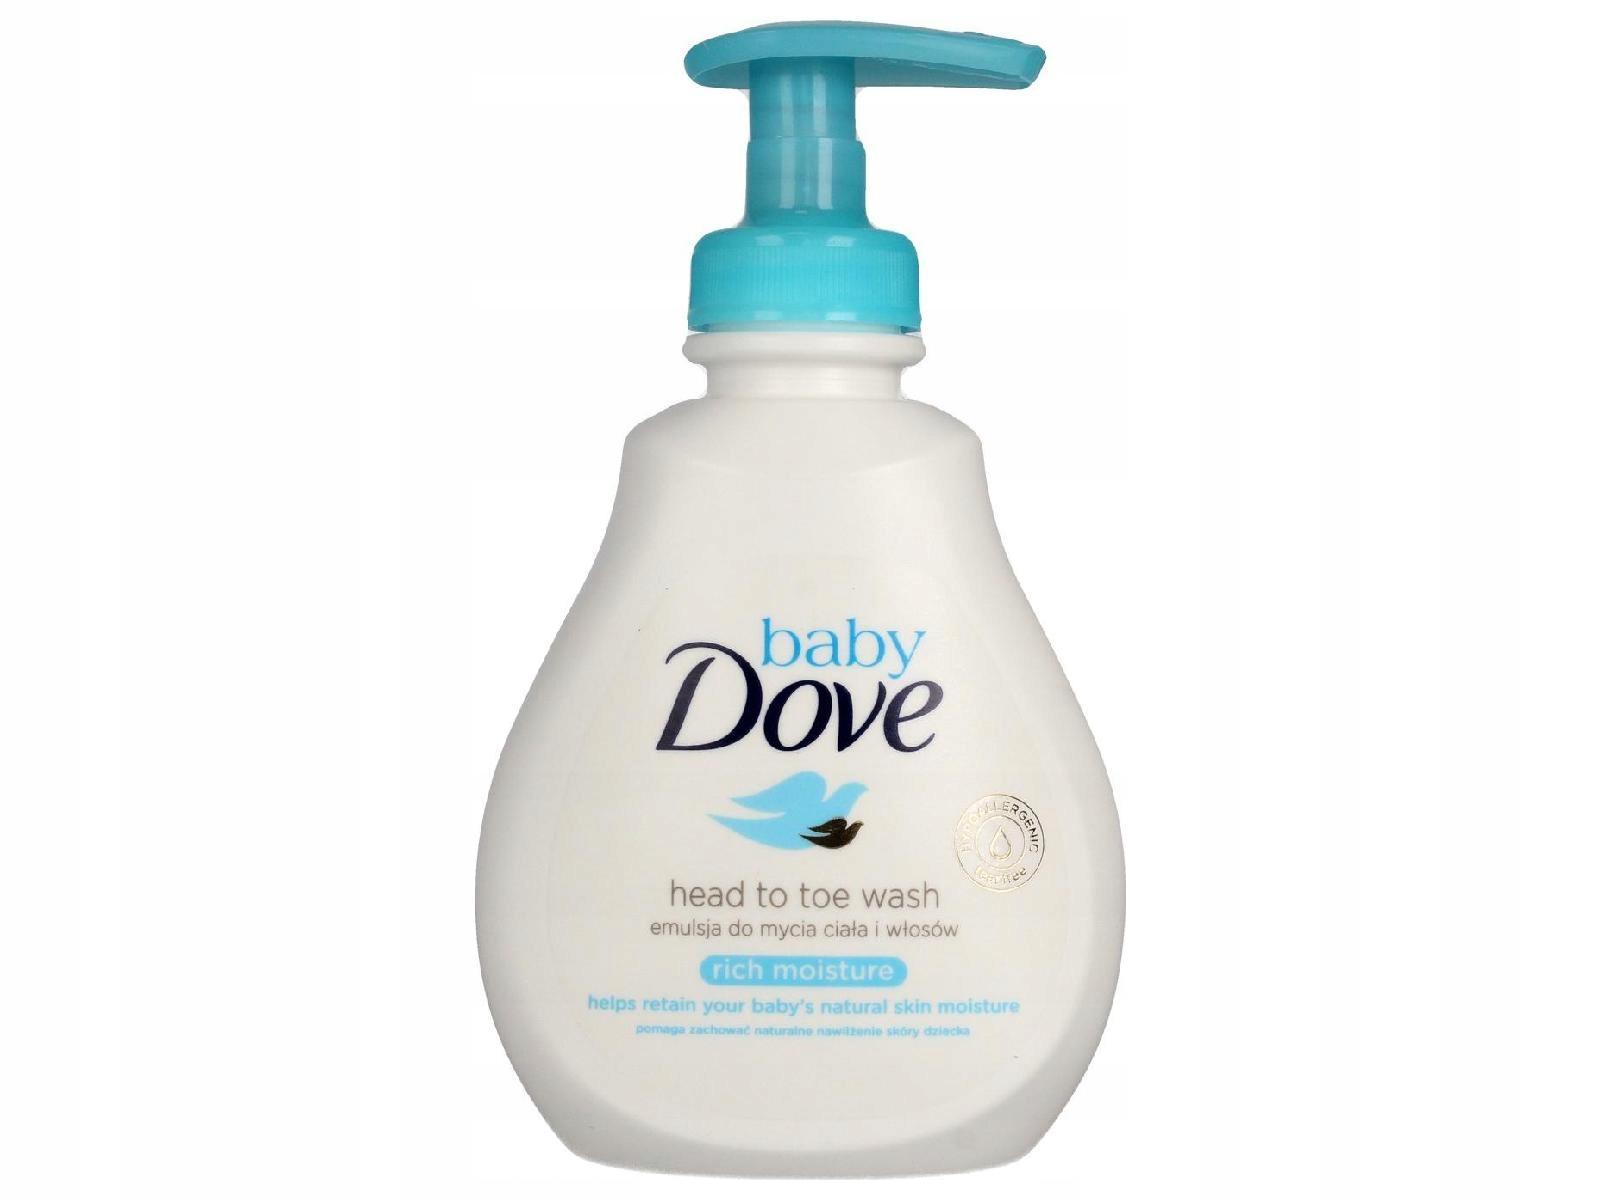 Dove Baby Emulsja nawilżająca do mycia ciała 200ml